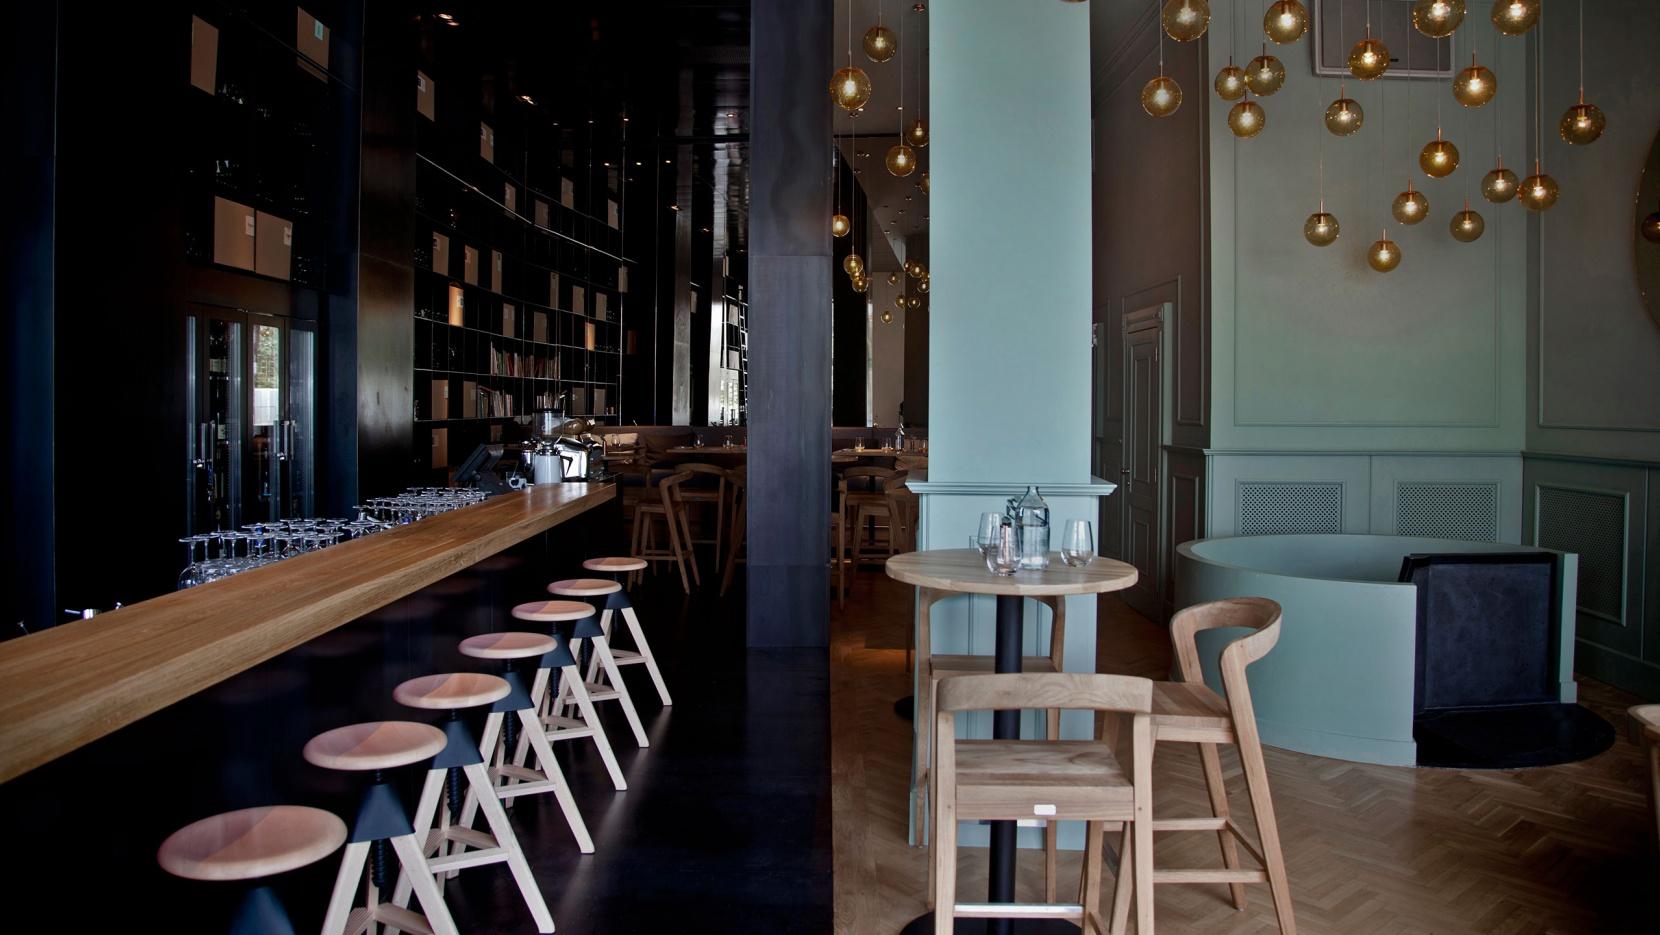 ZONA Wine Bar And Restaurant In Budapest, Hungary | Yatzer